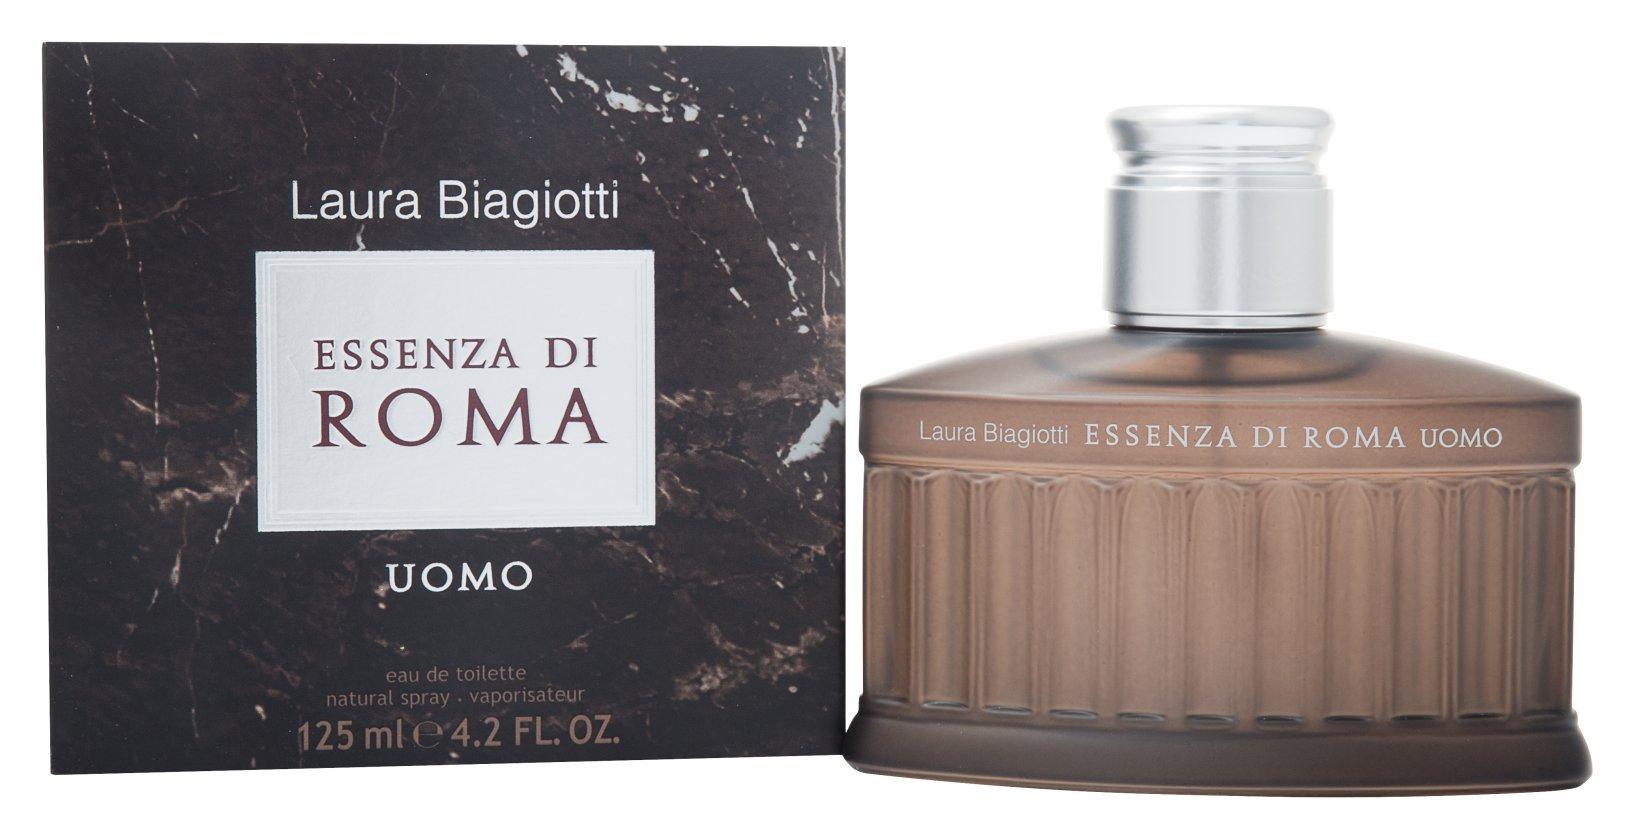 Laura Biagiotti Essenza di Roma Uomo, Toaletní voda, 125ml, Pánska vôňa, + AKCE: dárek zdarma